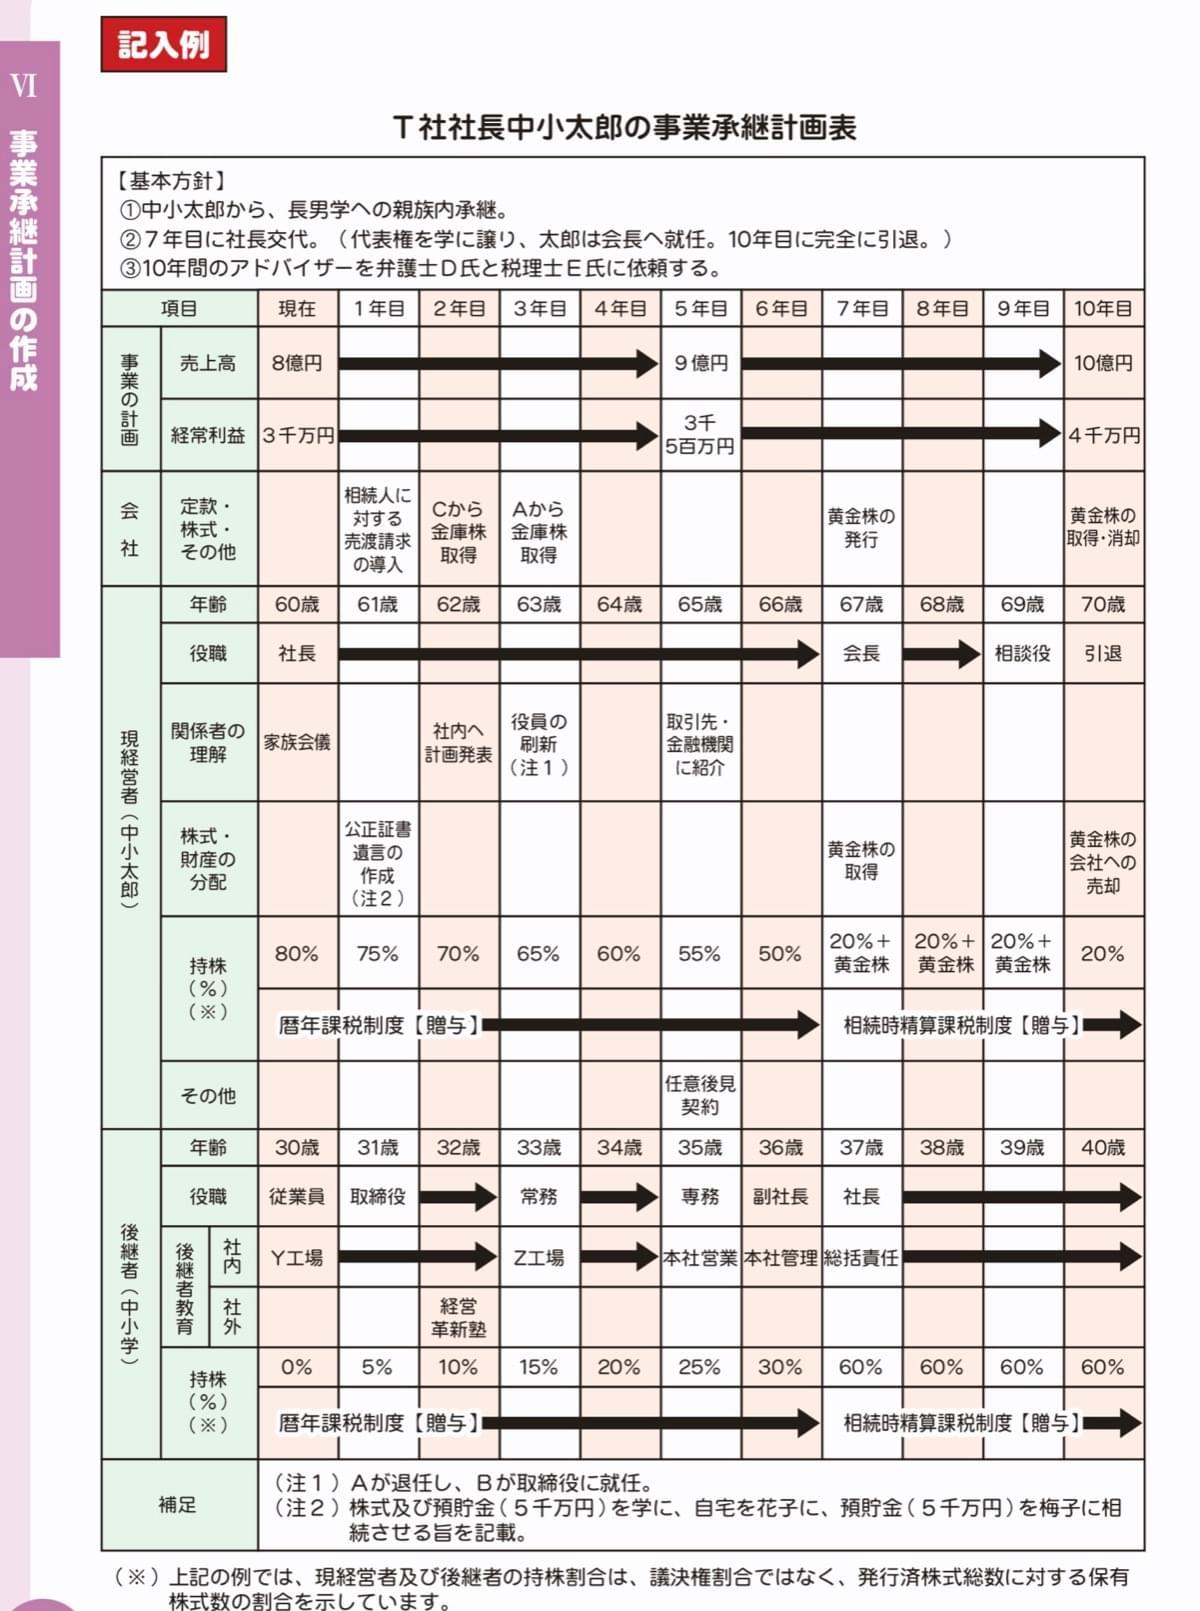 0E48832D-E1F7-4A7D-97A4-F3B58401C5DC